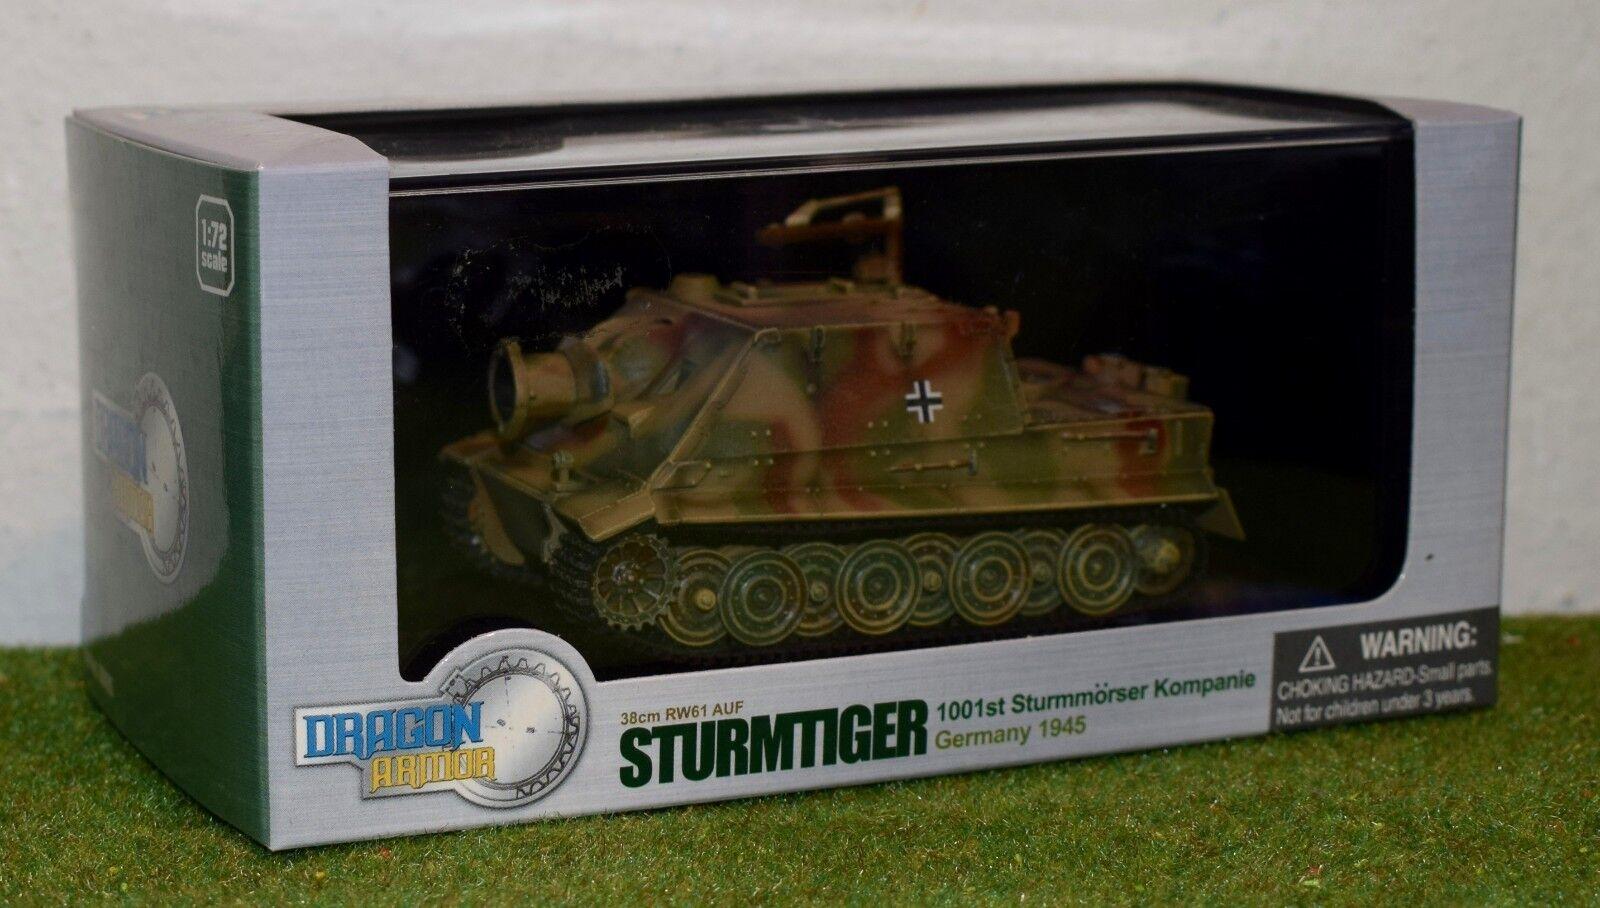 DRAGON ARMOR 1 72 SCALE WW II GERMAN STURMTIGER 38cm RW61 AUF GERMANY 1945 60026